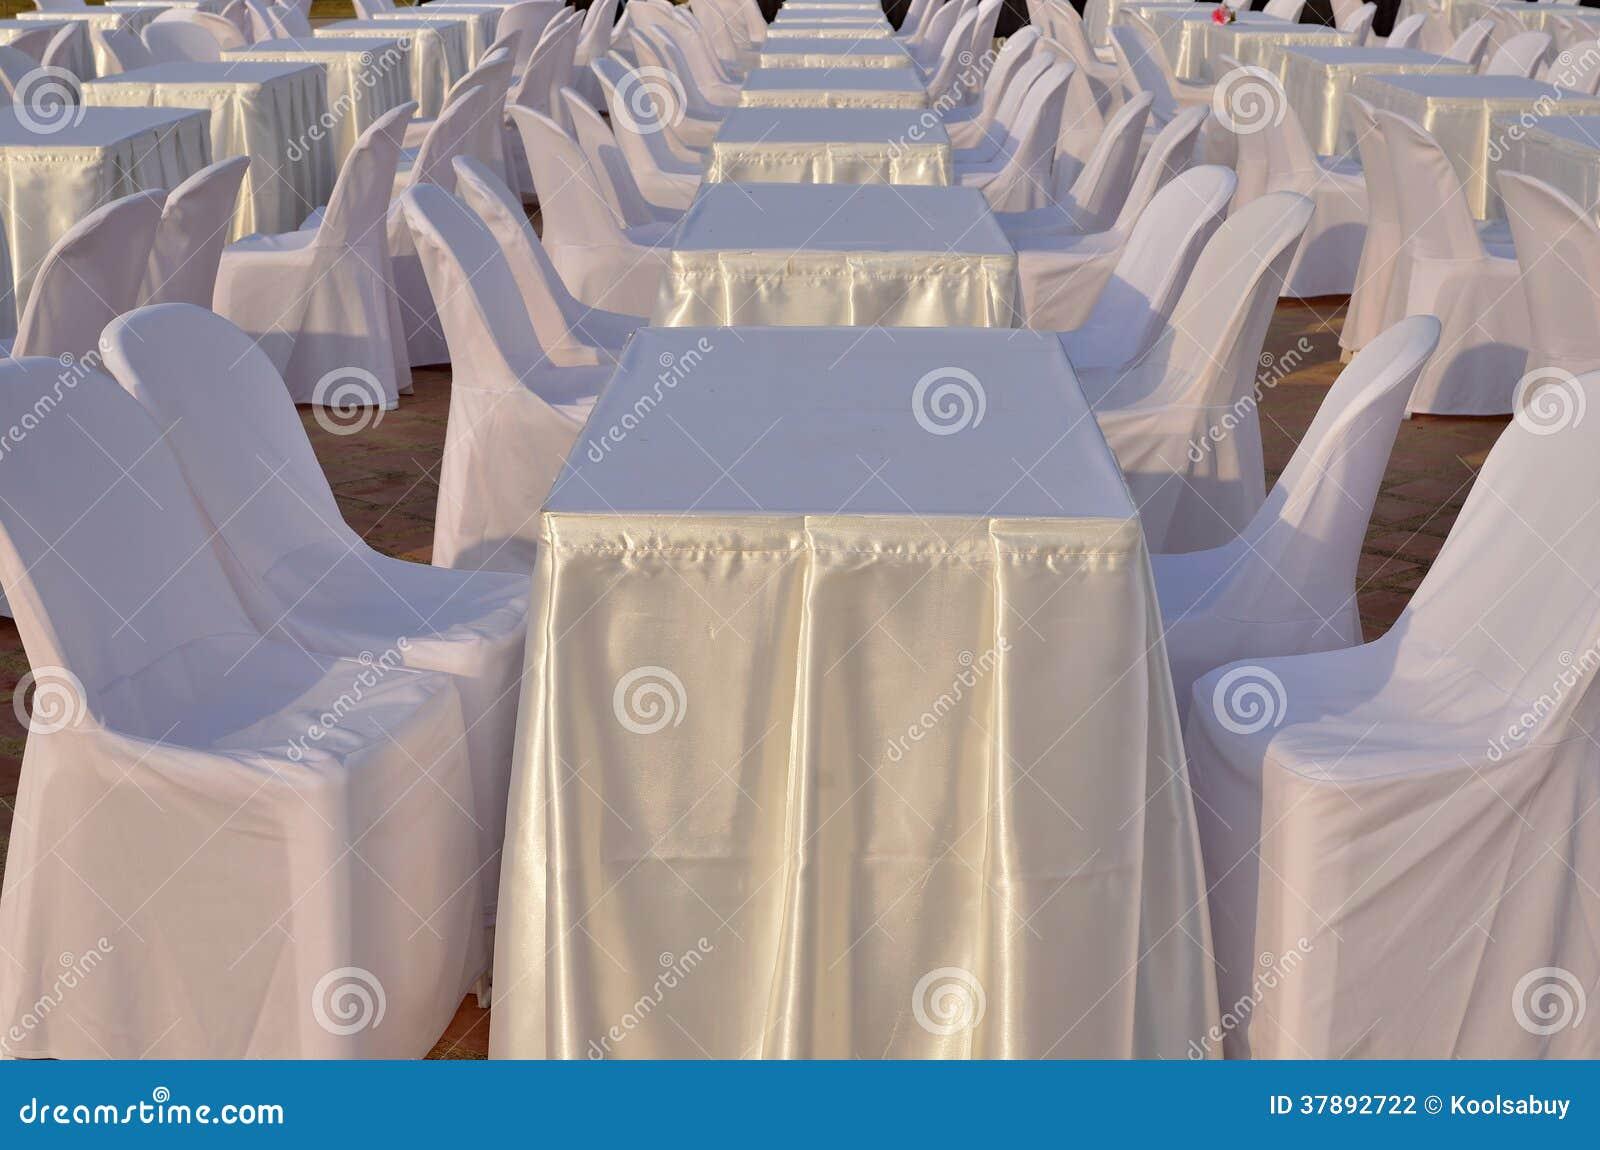 Lijsten en stoelen met witte kleren.